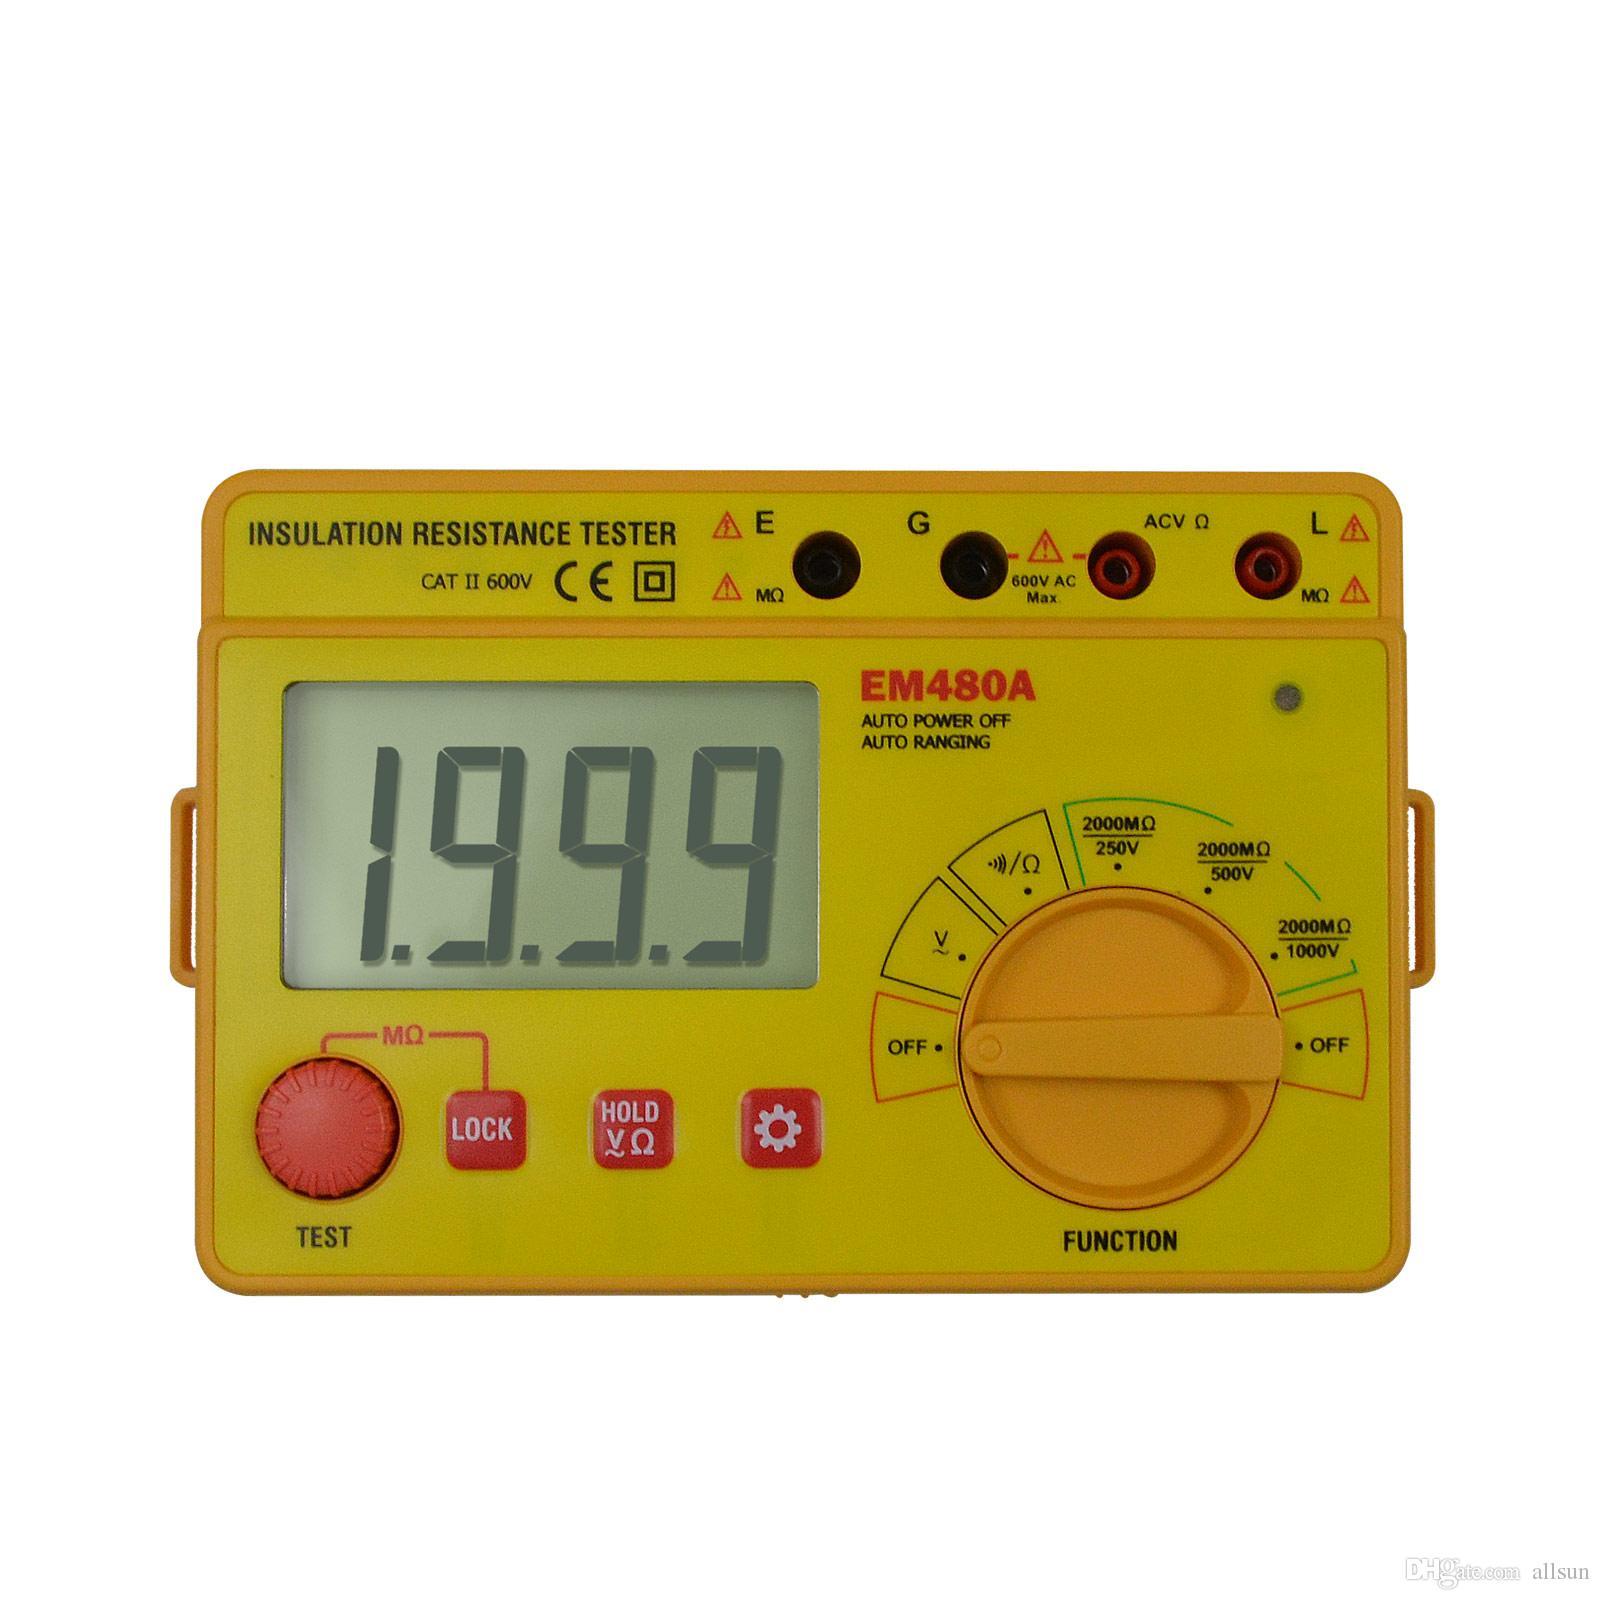 الرقمية برو عزل المقاومة اختبار متر العرض LCD عالية المقاوم Megohmmeter فرط جهاز قياس المقاومة جميع صن EM480A